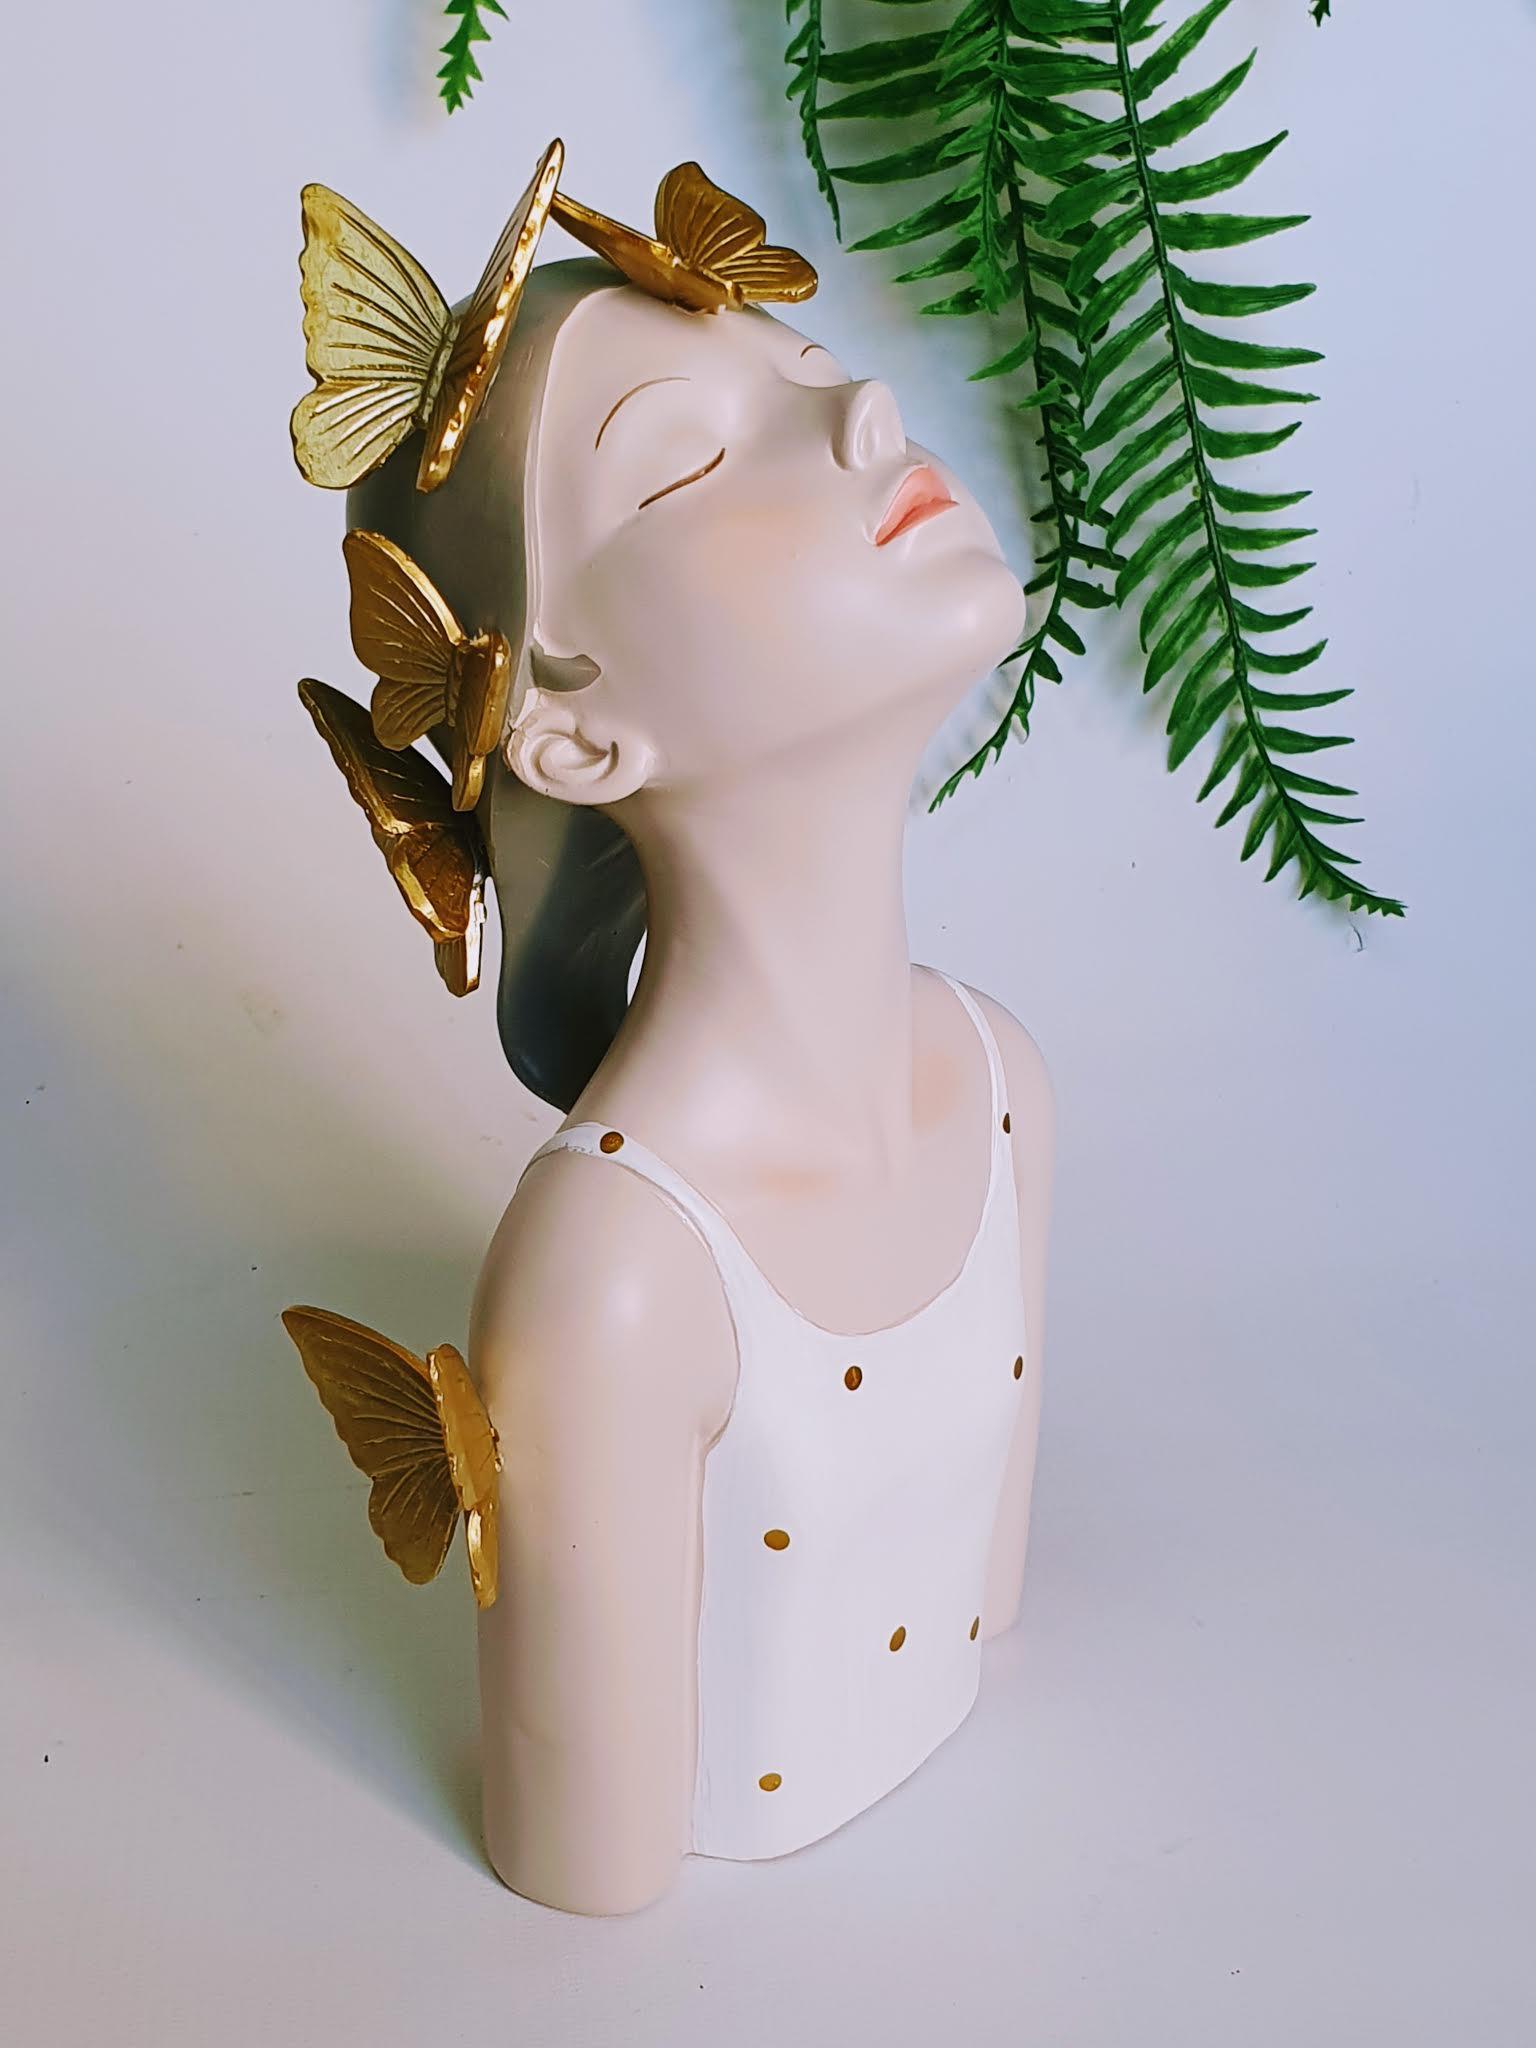 גברת בסטייל - הגברת עם הפרפרים